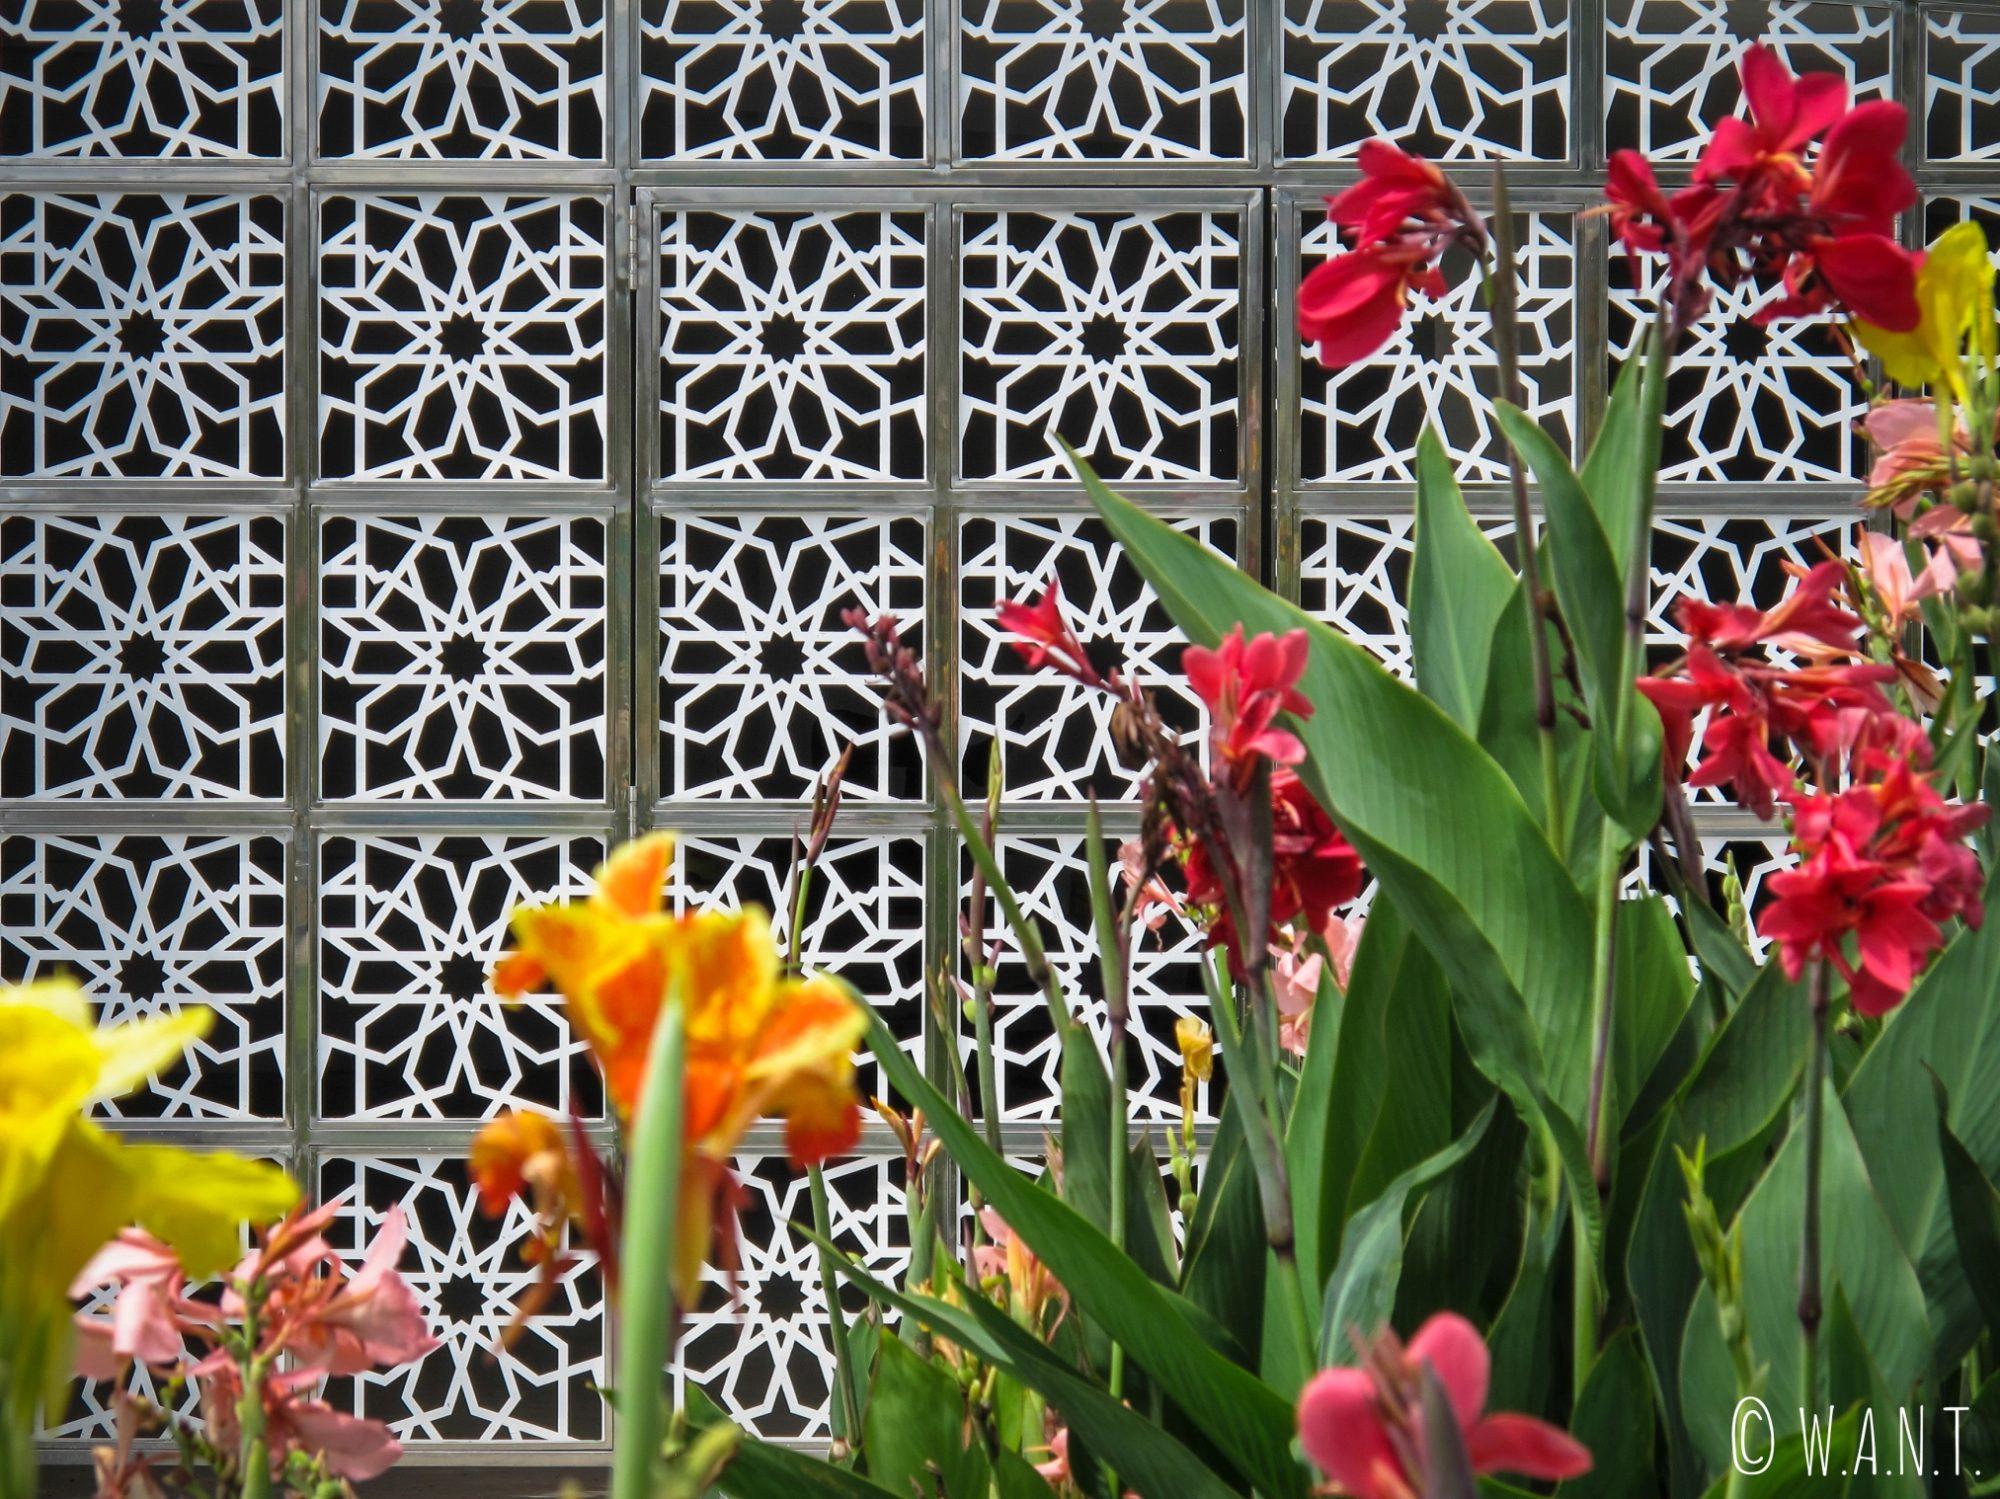 Fleurs du parc Taman Mahkota Jubli Emas de Bandar Seri Begawan